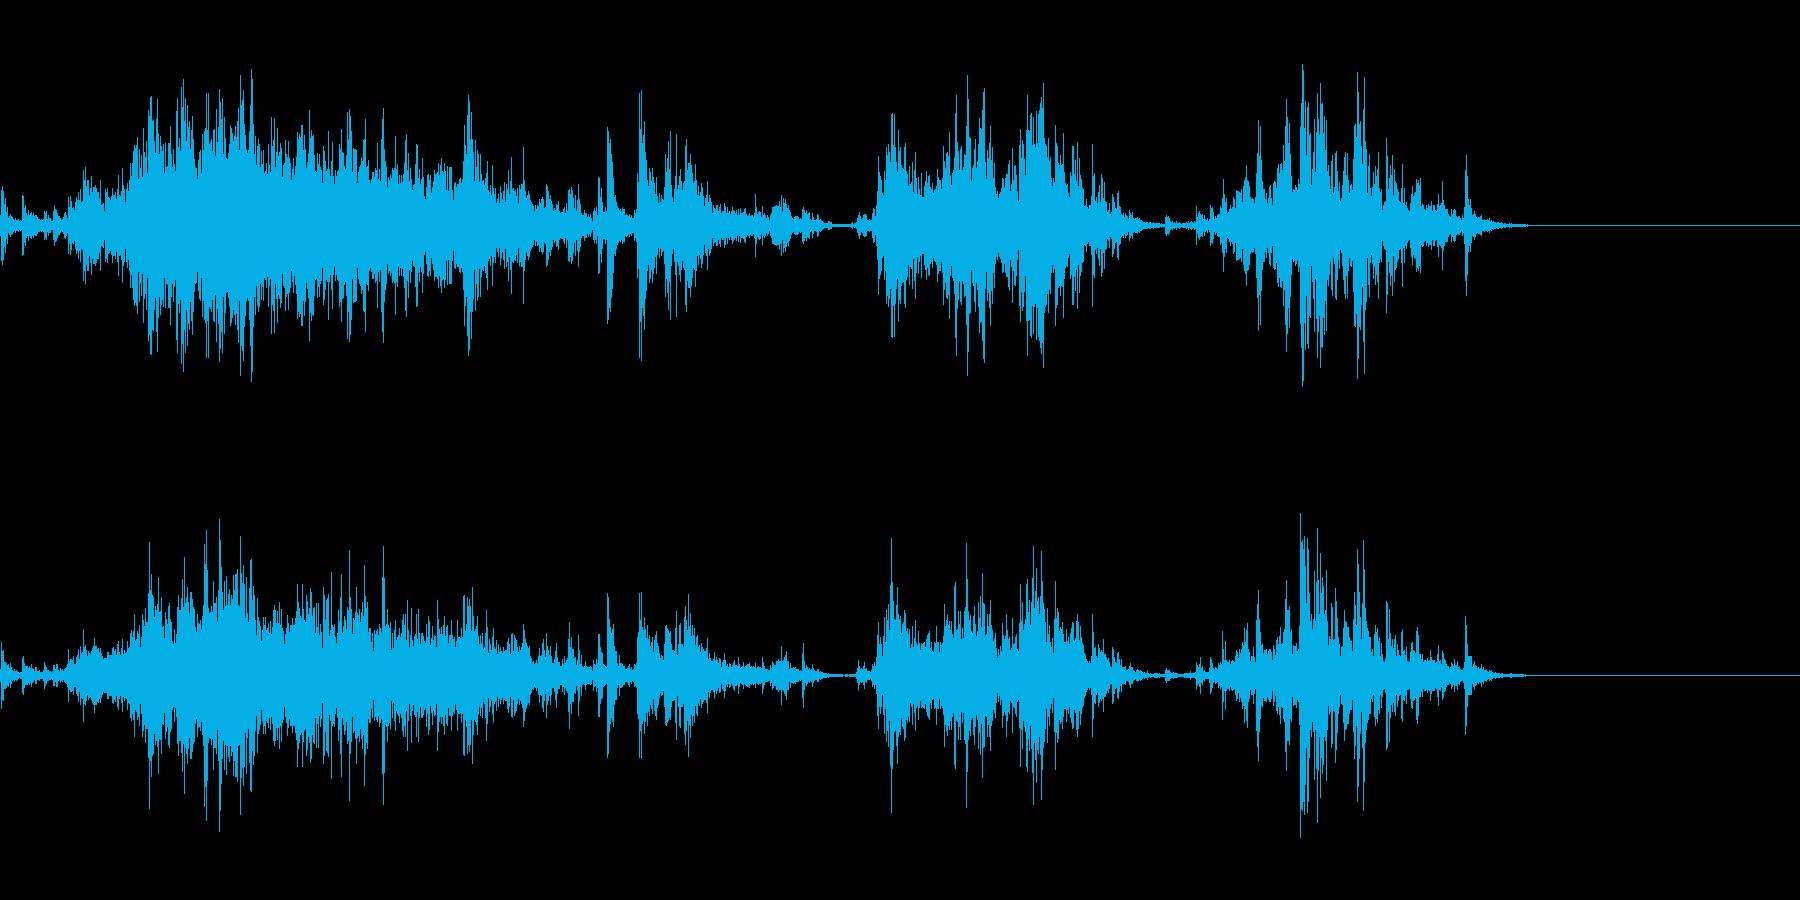 ククーラーボックスから氷を取る音の再生済みの波形